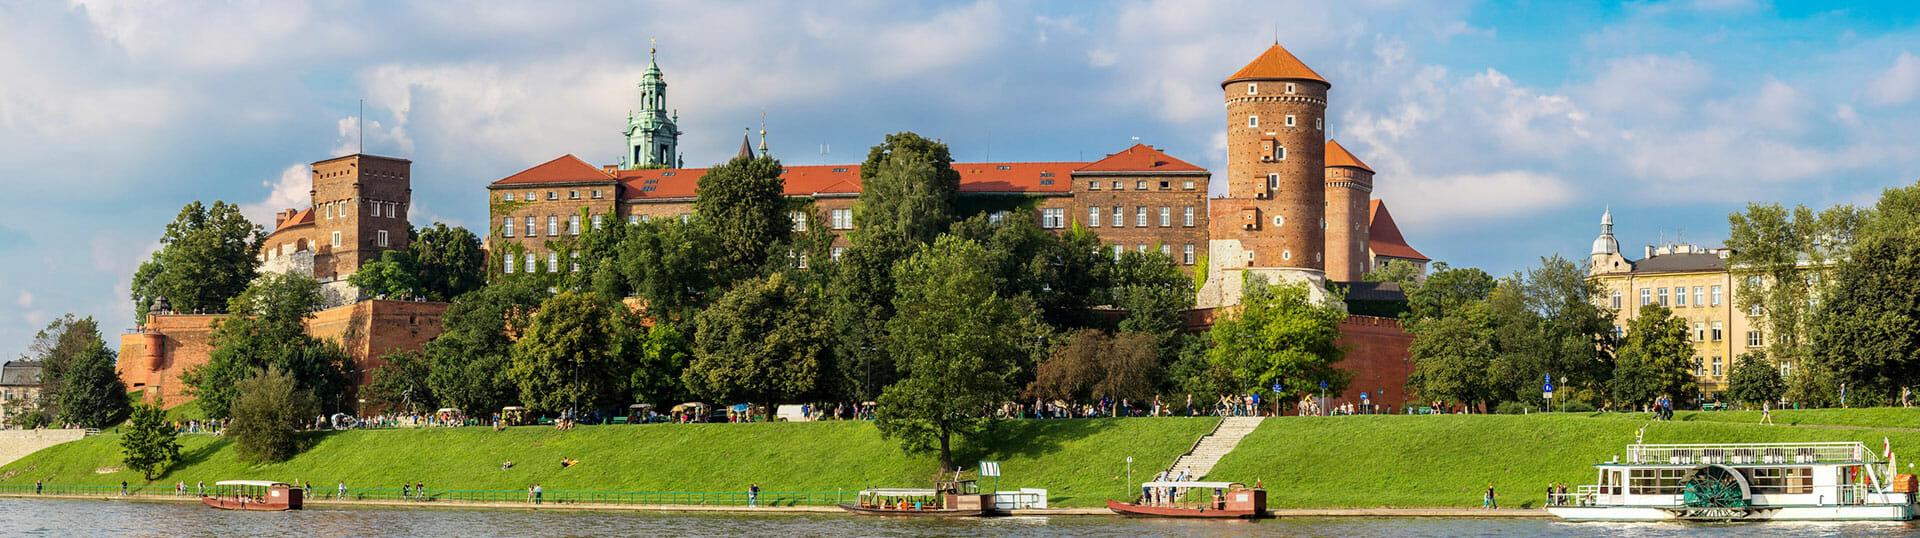 Krakau-Schloss